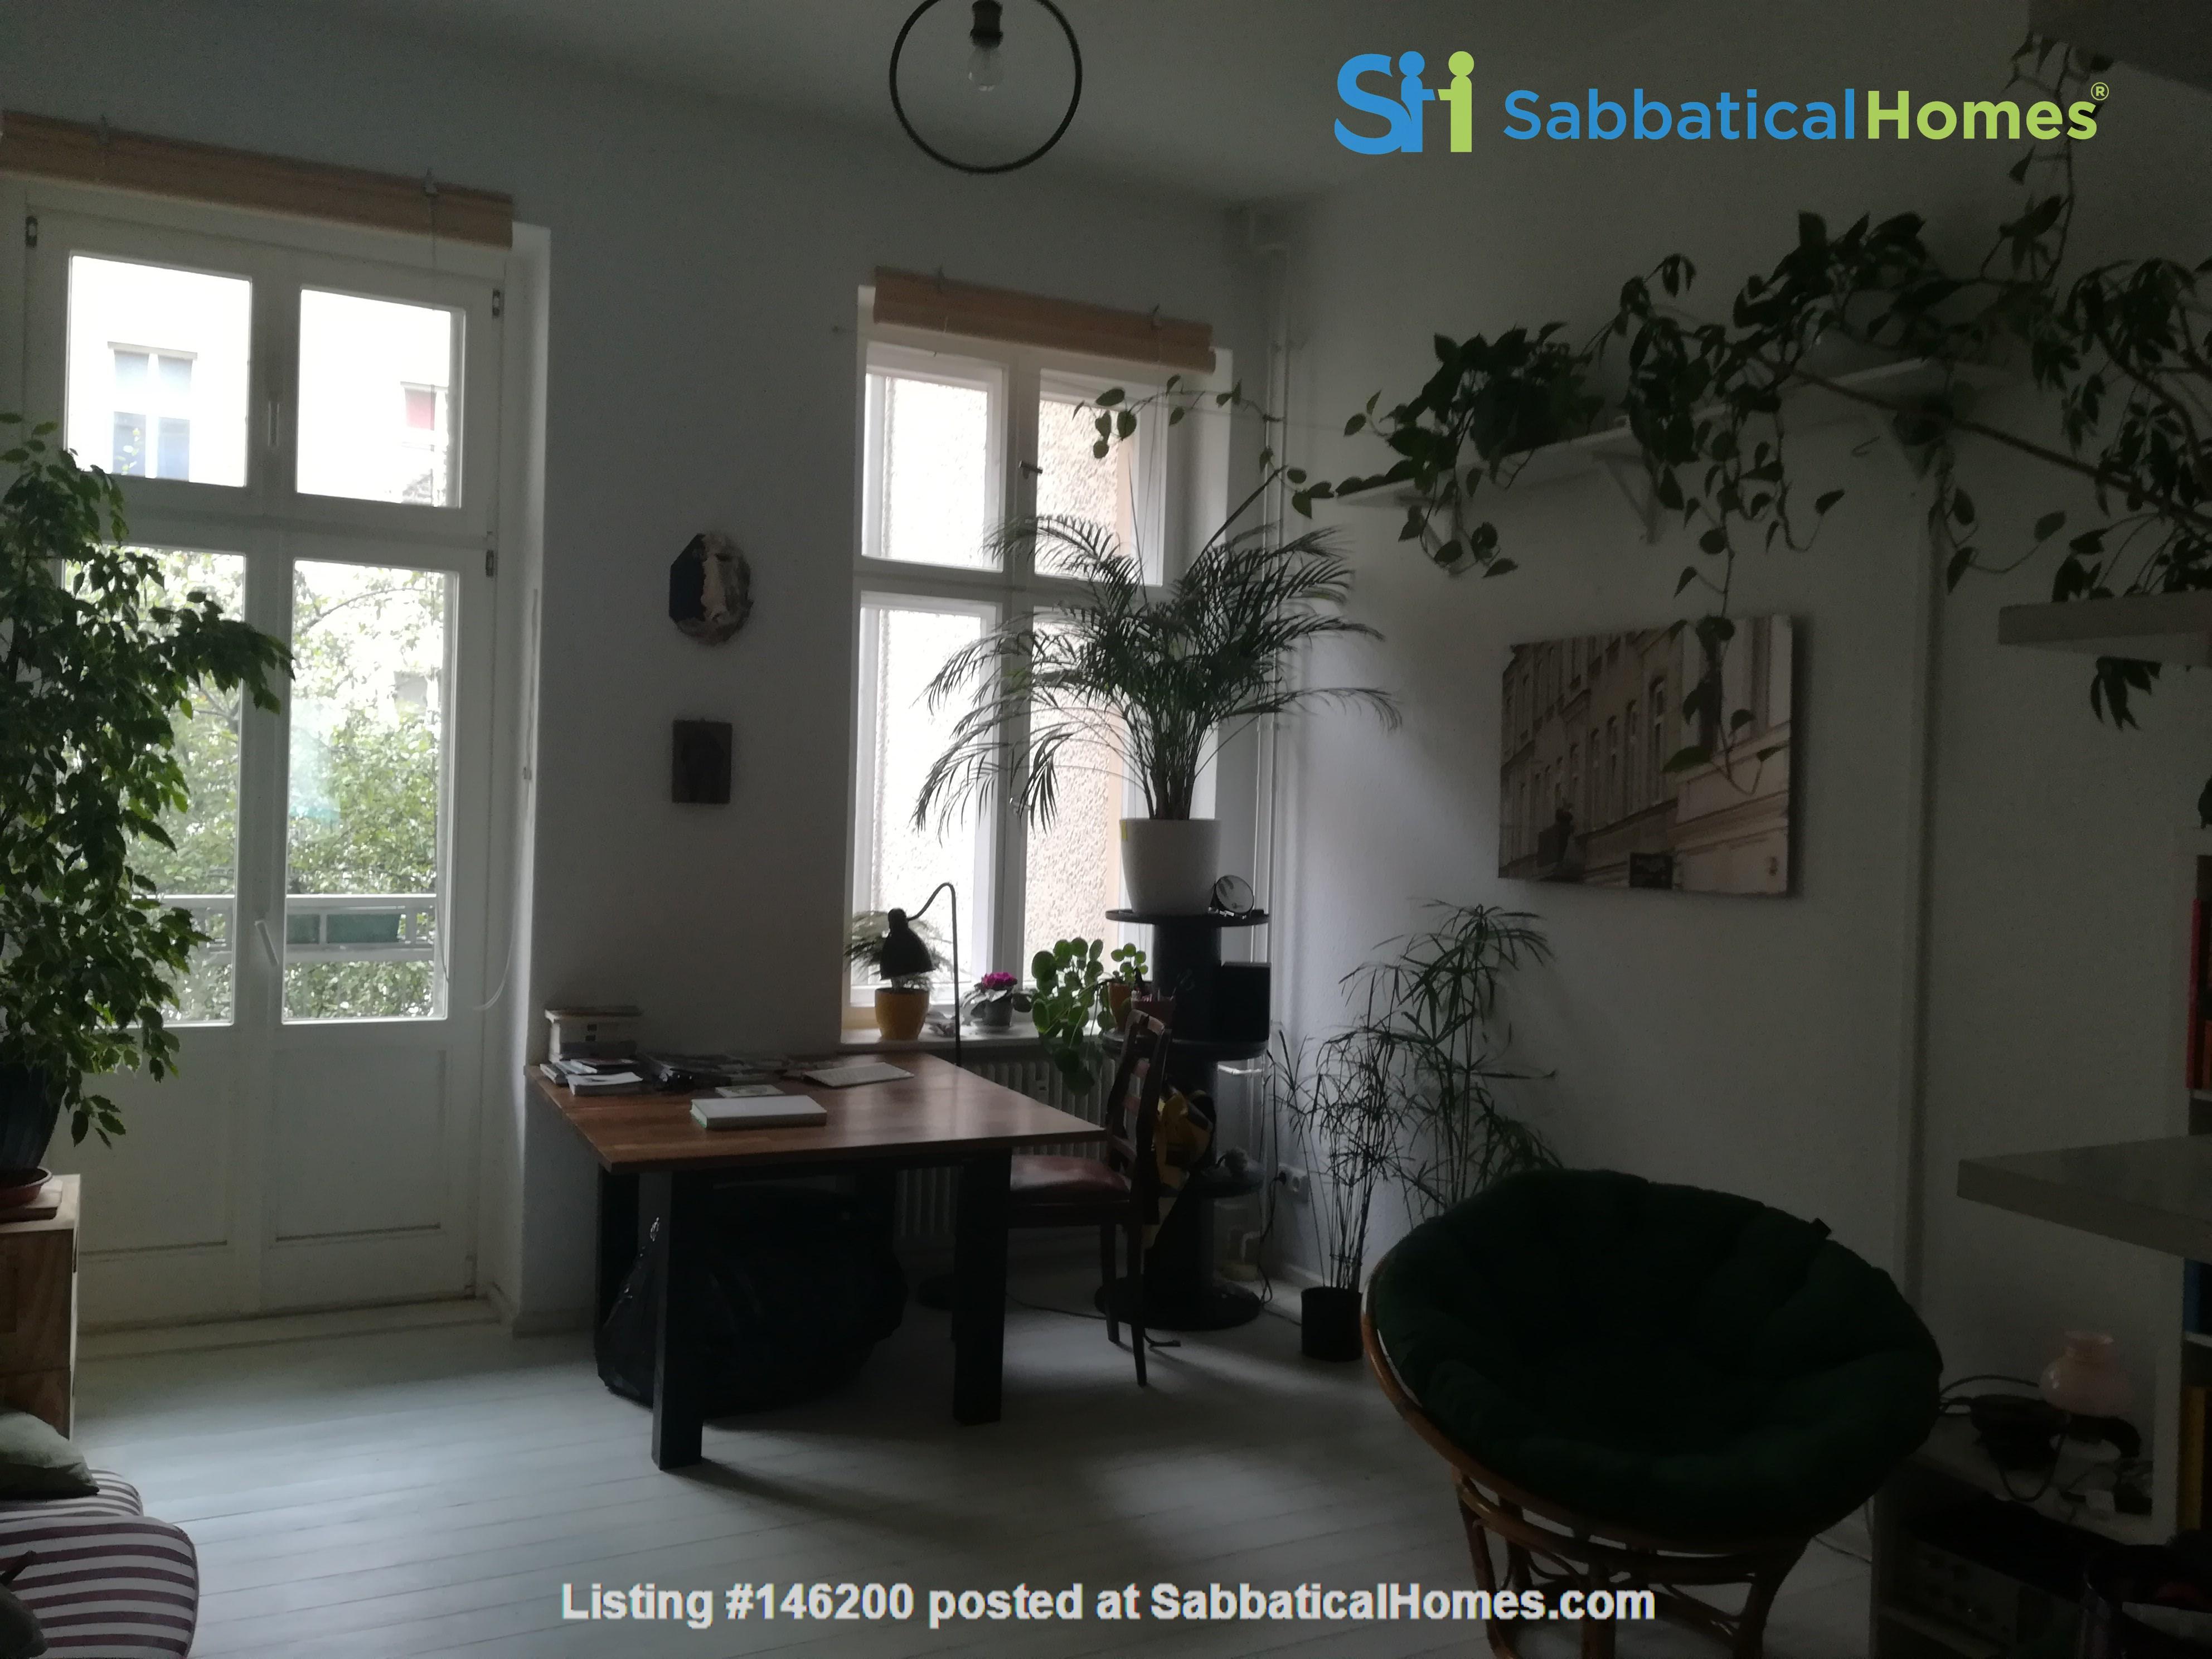 Renting place in Berlin, looking for place in Copenhagen Home Exchange in Berlin 0